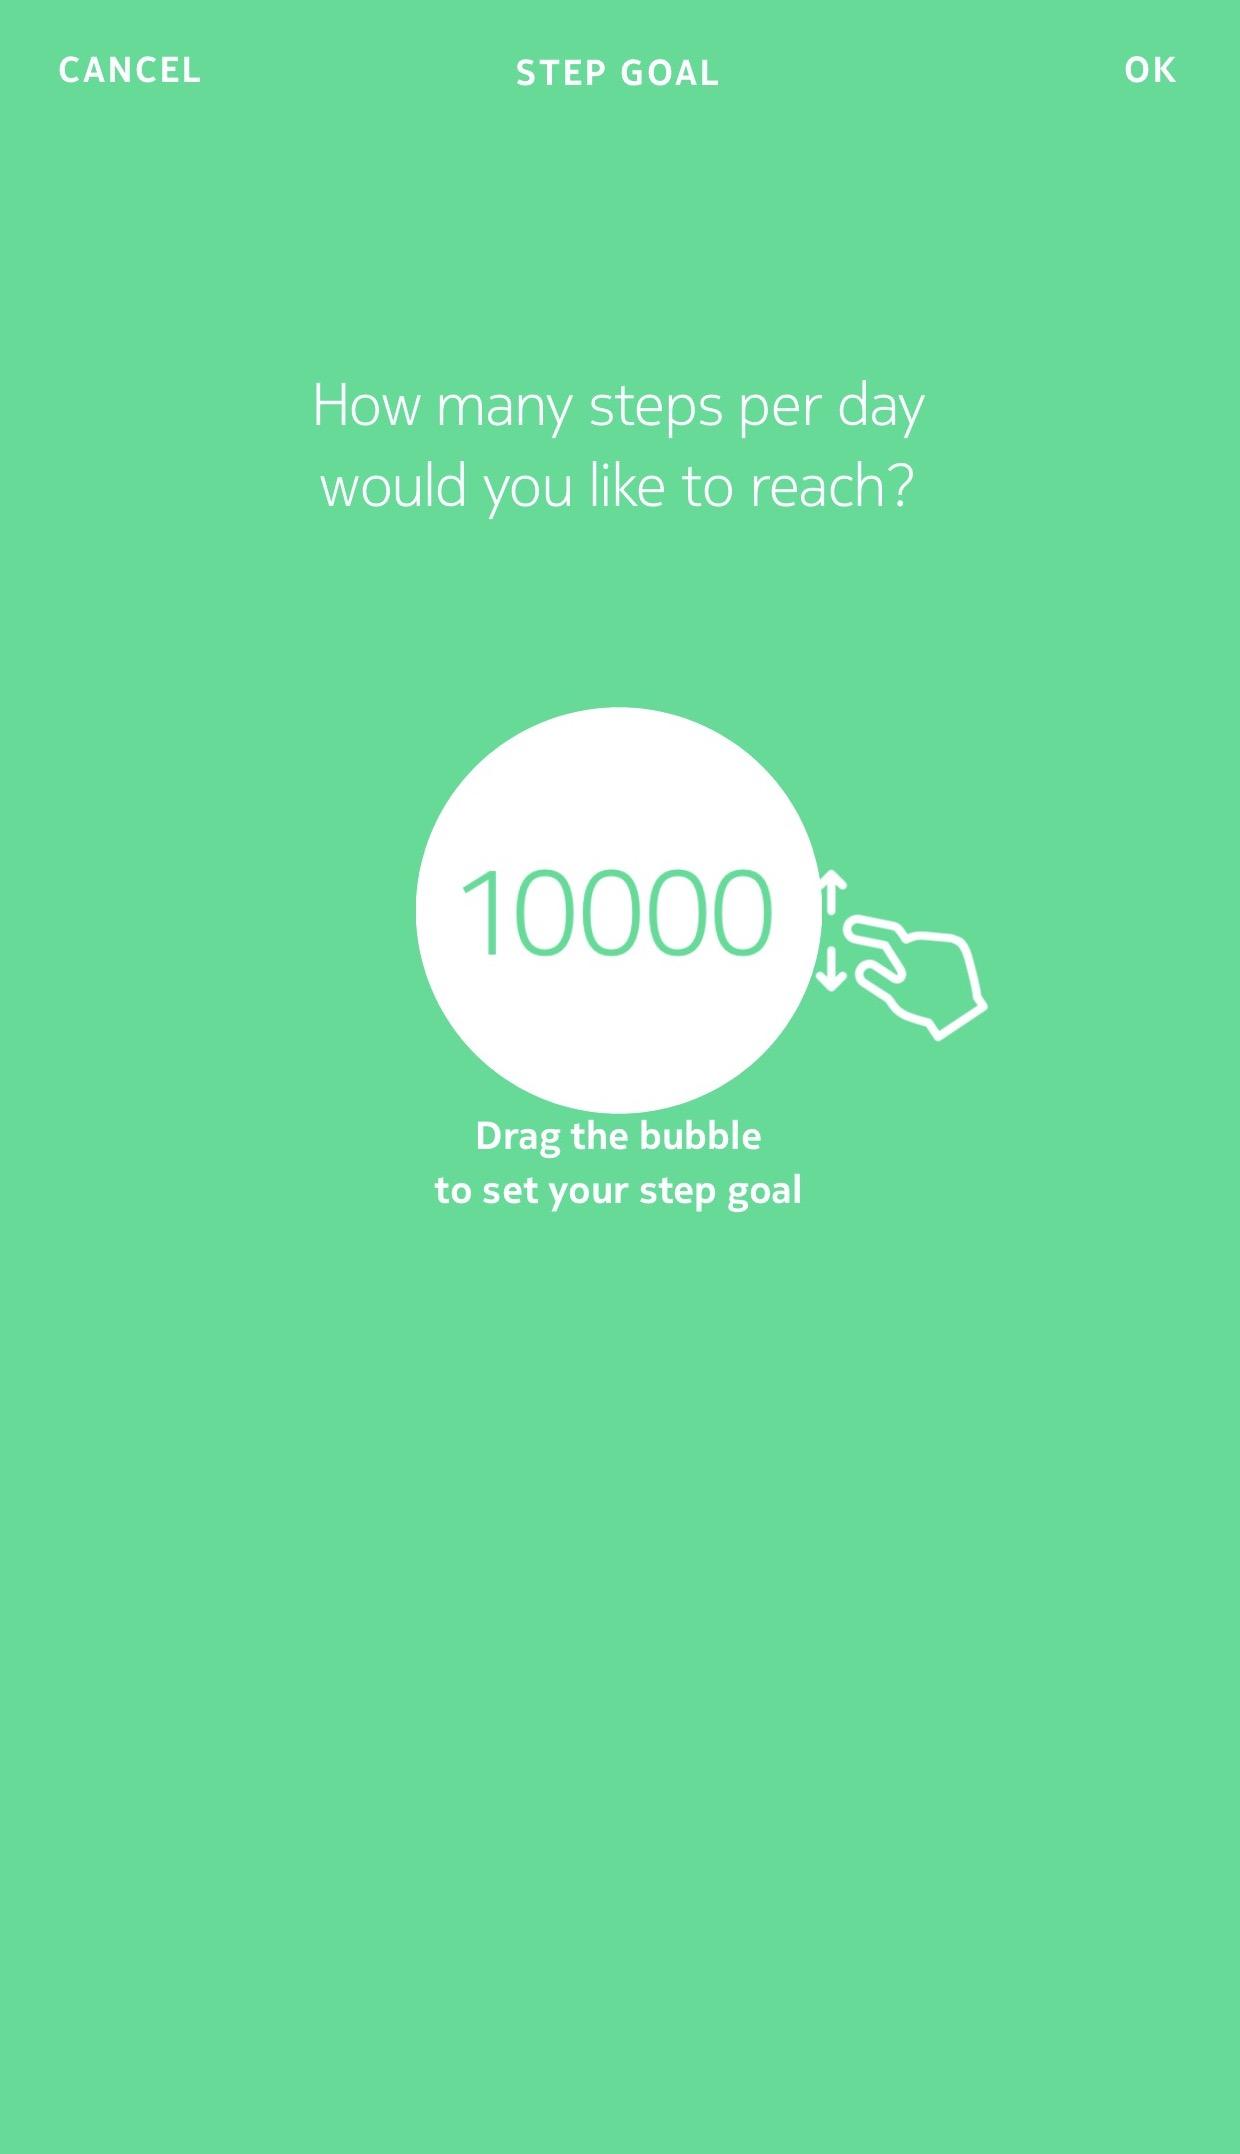 Set-steps-goal.jpg